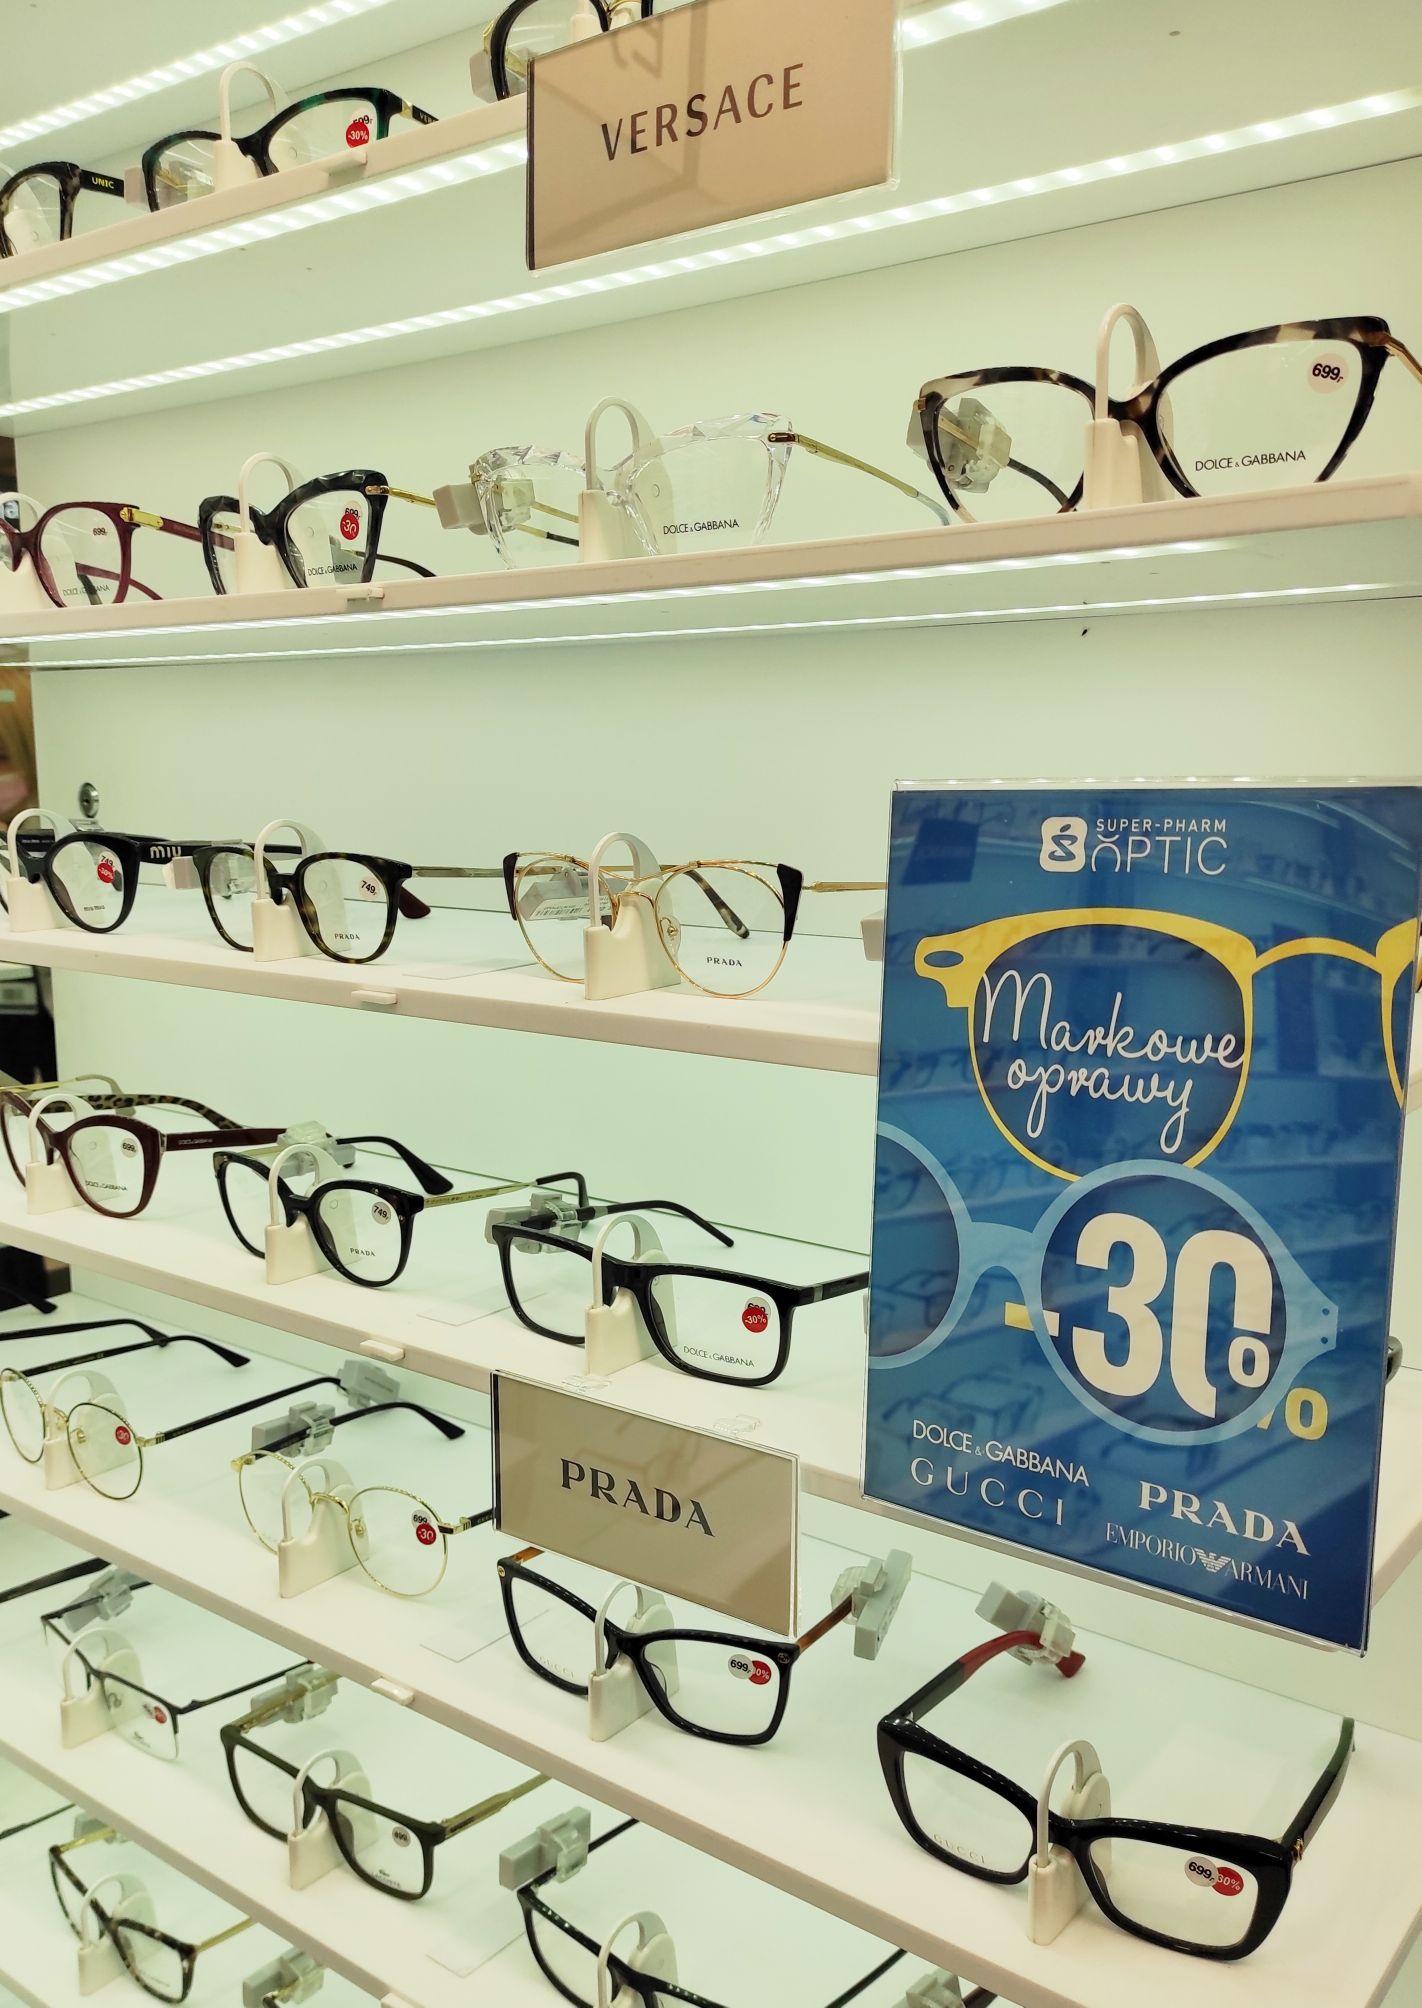 Markowe oprawy -30%, badanie wzroku za 1 zł, -30% na całe okulary, Super Pharm Optic